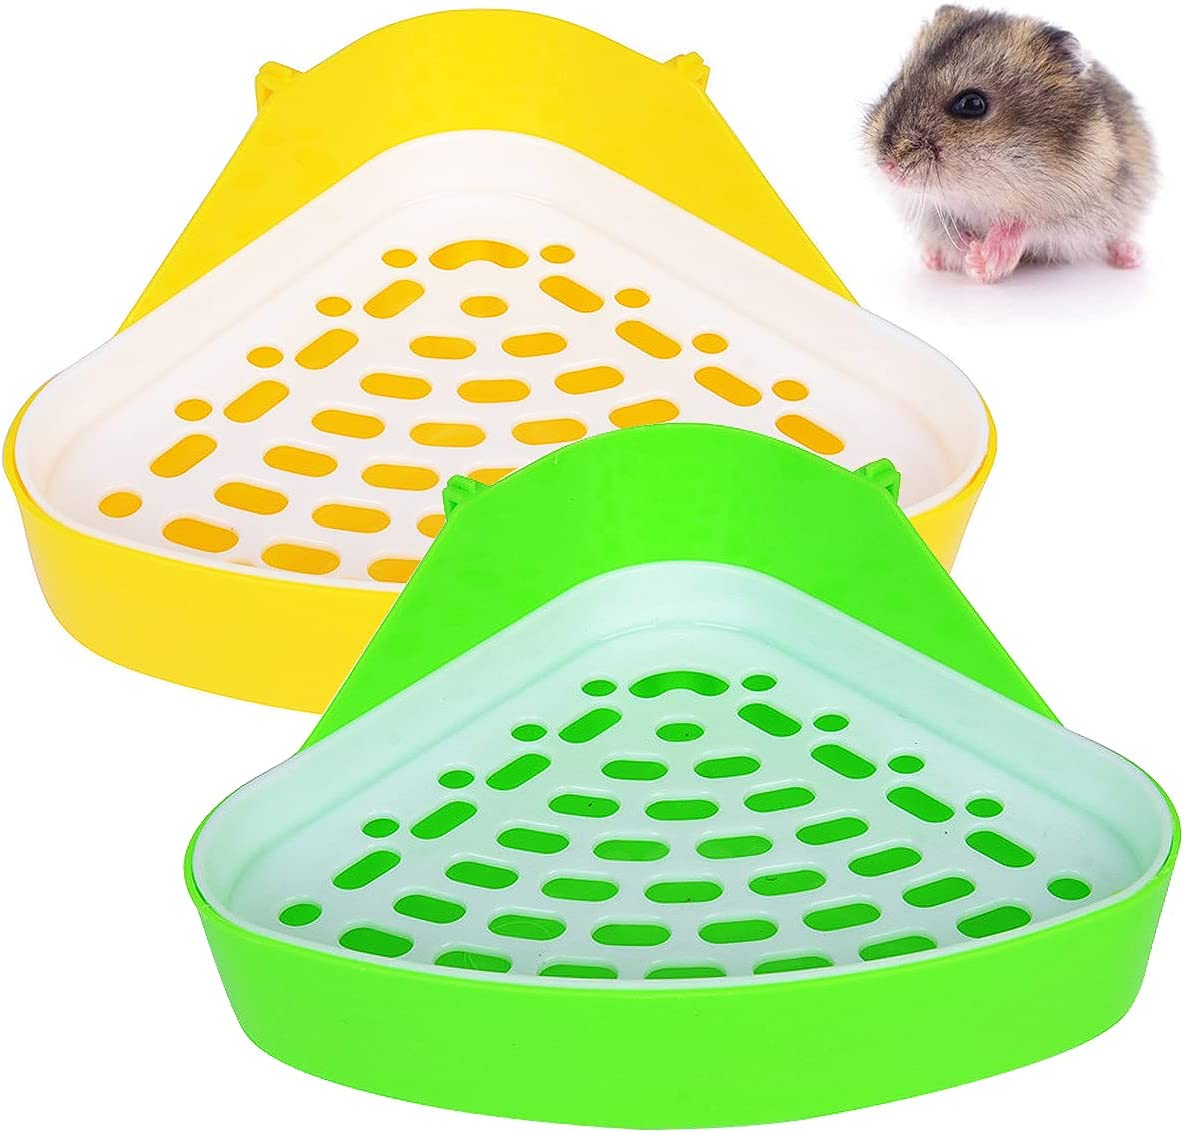 2 piezas de inodoro para animales pequeños, inodoro triangular para animales pequeños, inodoro para mascotas, para animales pequeños, hámsteres chinchillas cobayas conejos hurones (verde y amarillo)